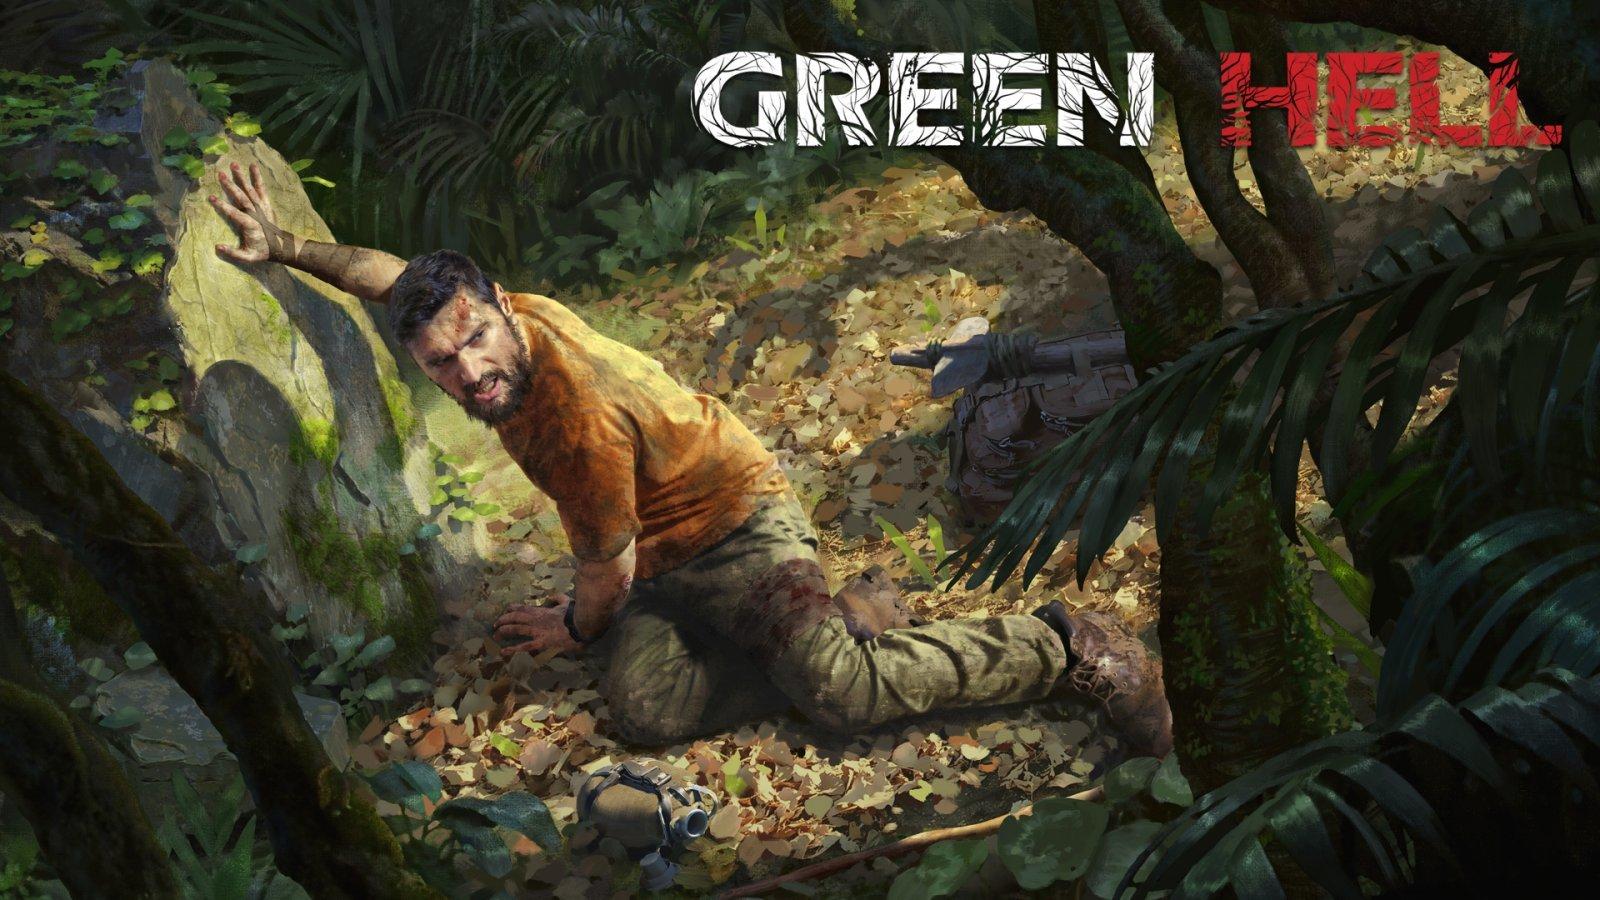 アマゾンサバイバル『Green Hell』レビュー!熱帯雨林を攻略せよ!日本語化も追加済みに!!